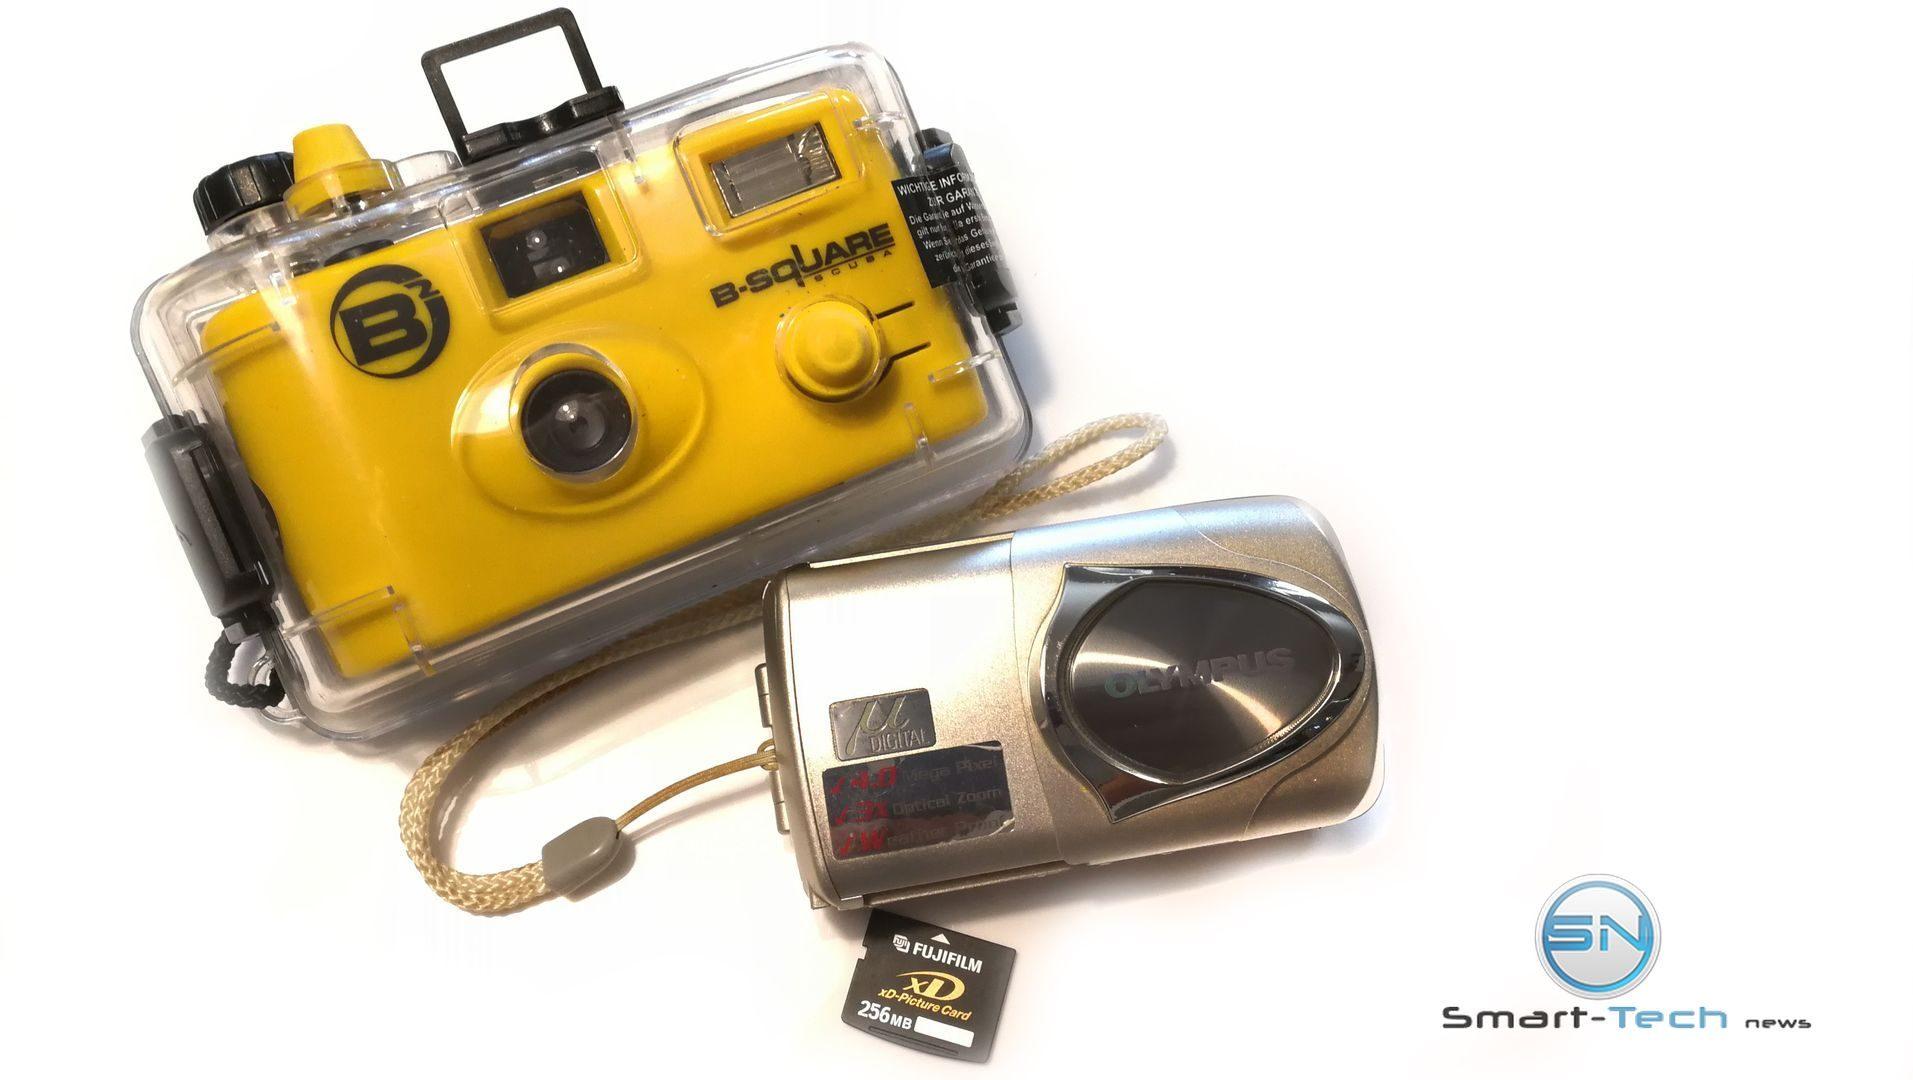 Einweg Film und Olympus mju 410 mit TG Tracker unter Wasser - SmartTechNews